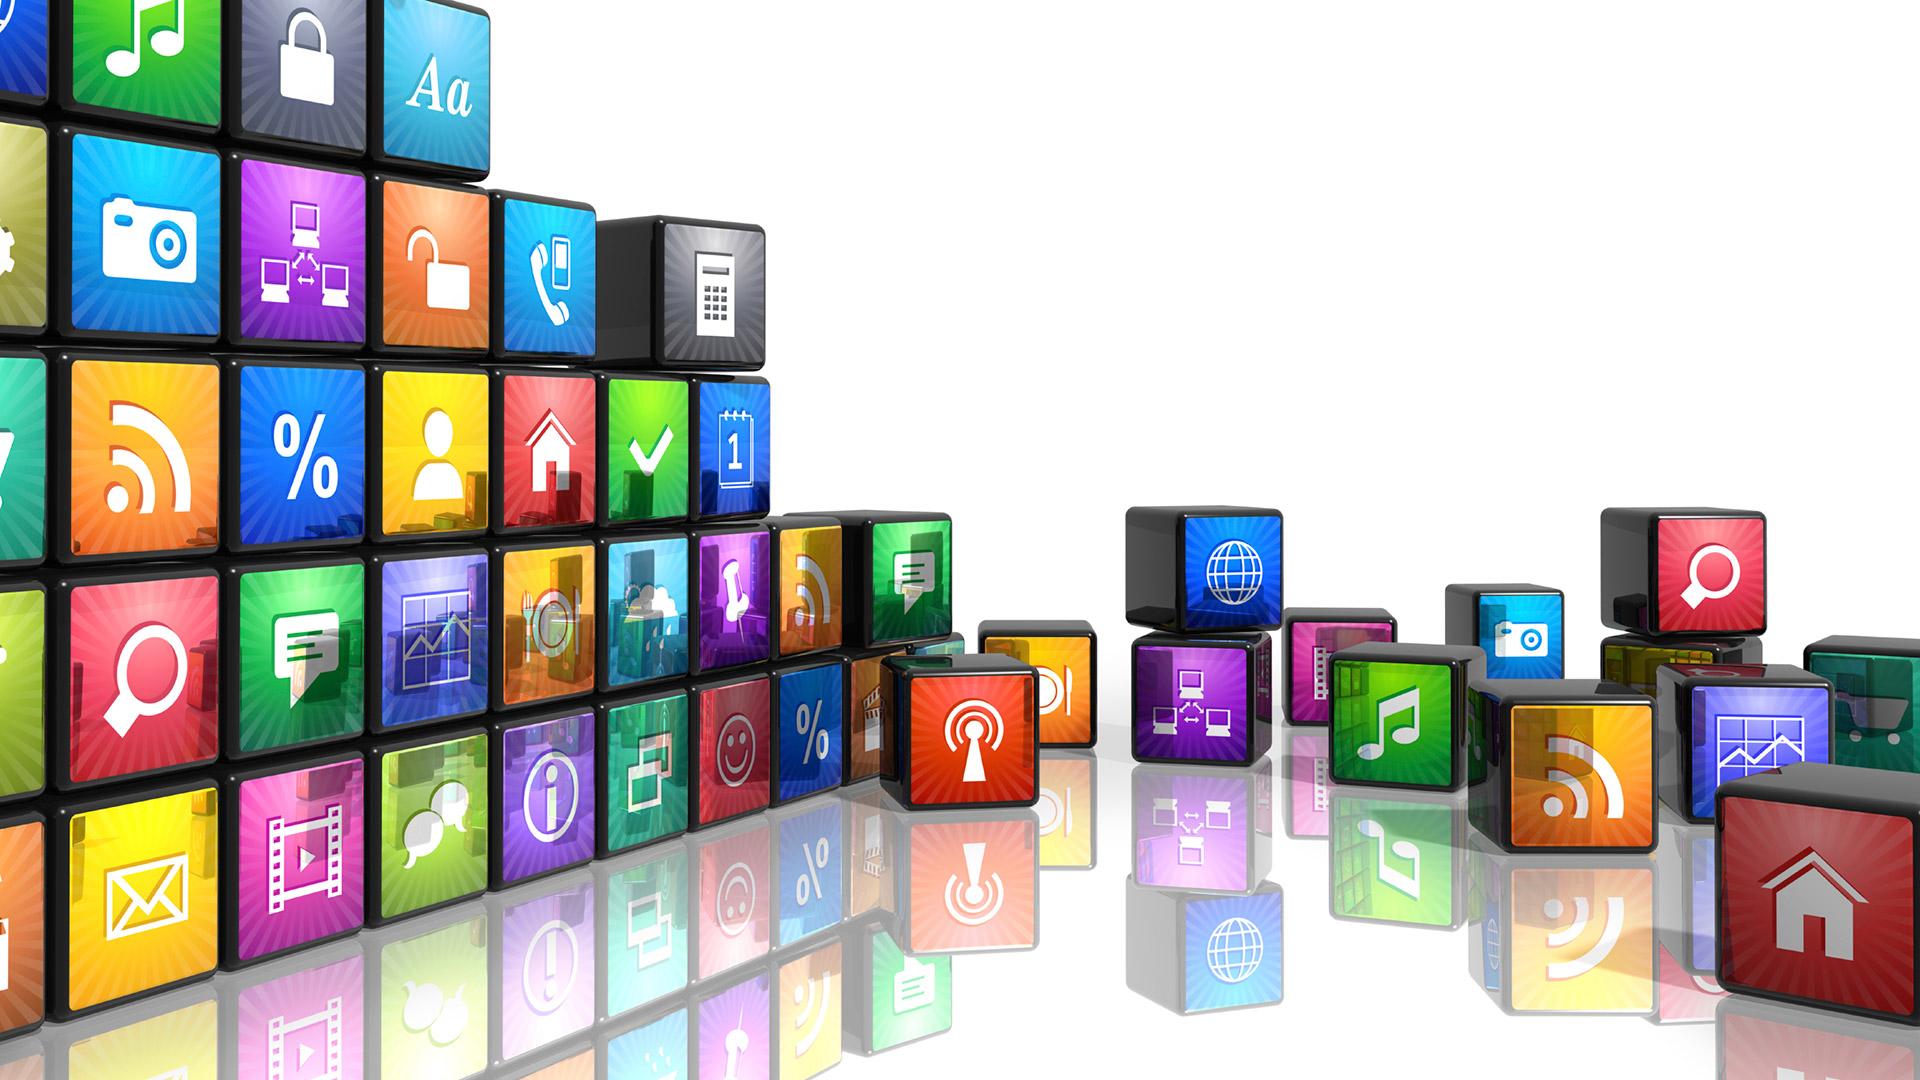 Legjobb iphone társkereső alkalmazások 2016